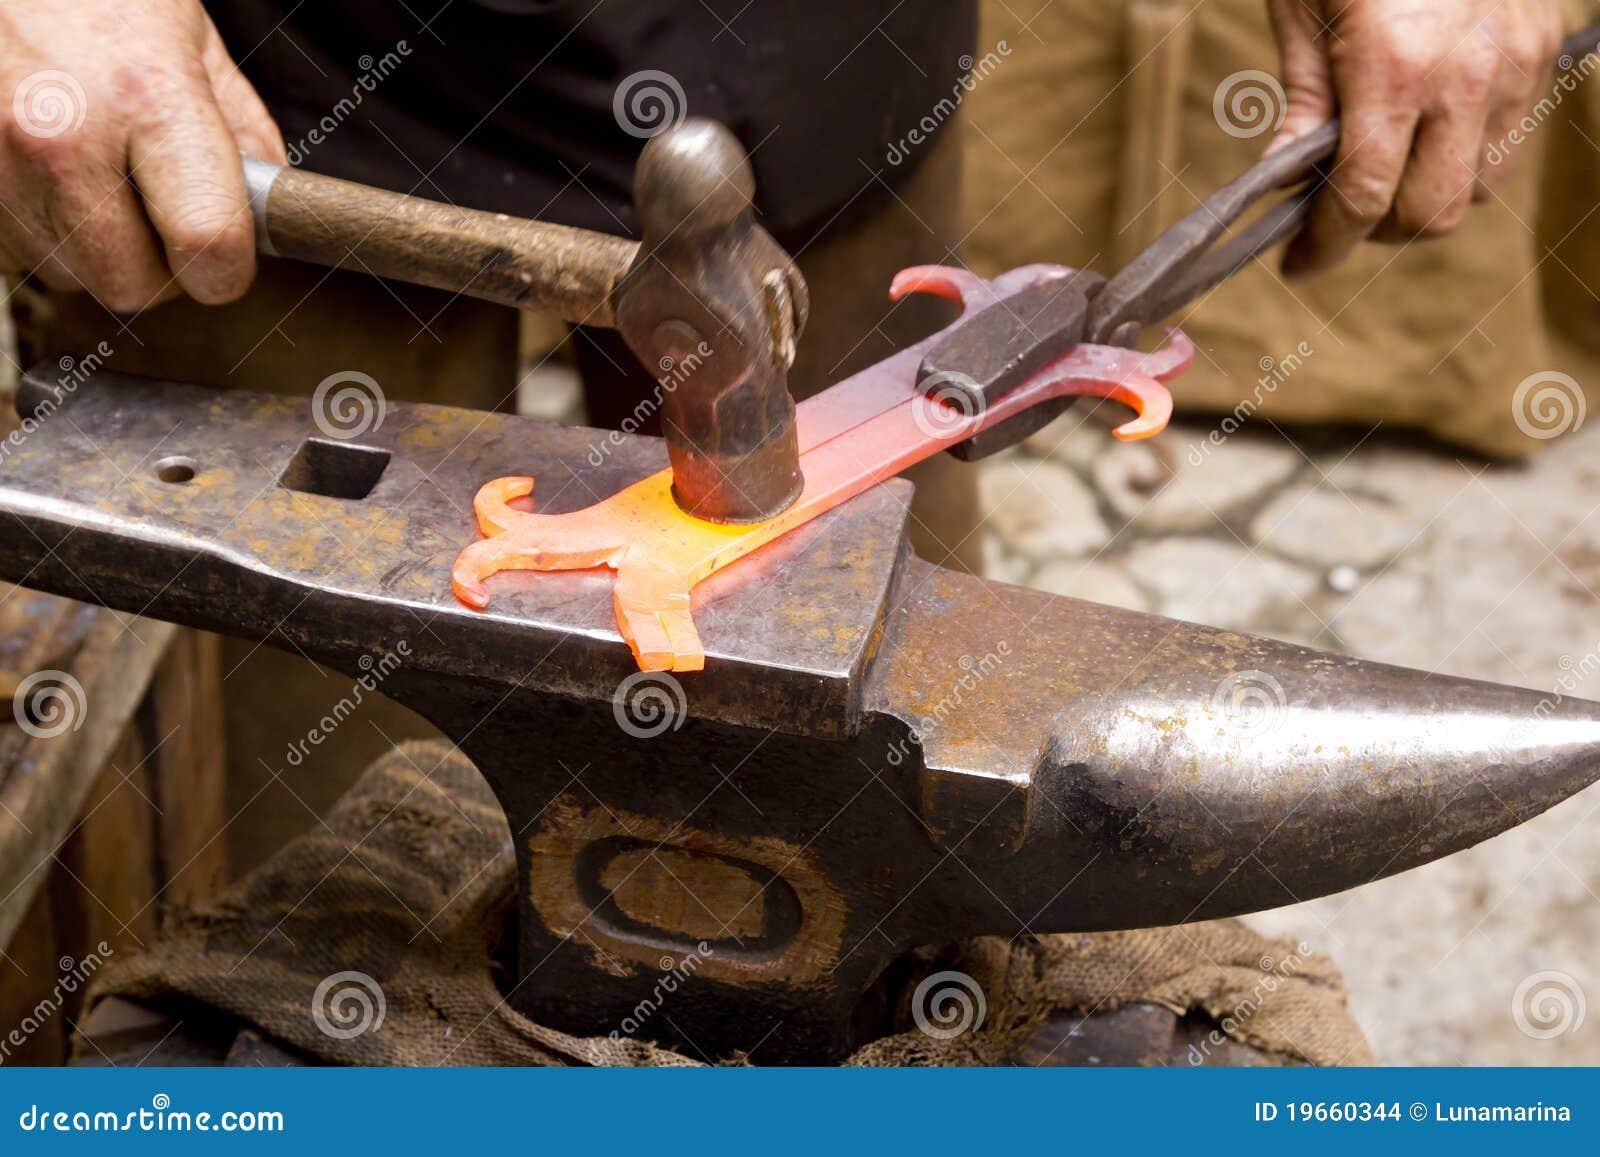 Как сделать кинжал своими руками из железа